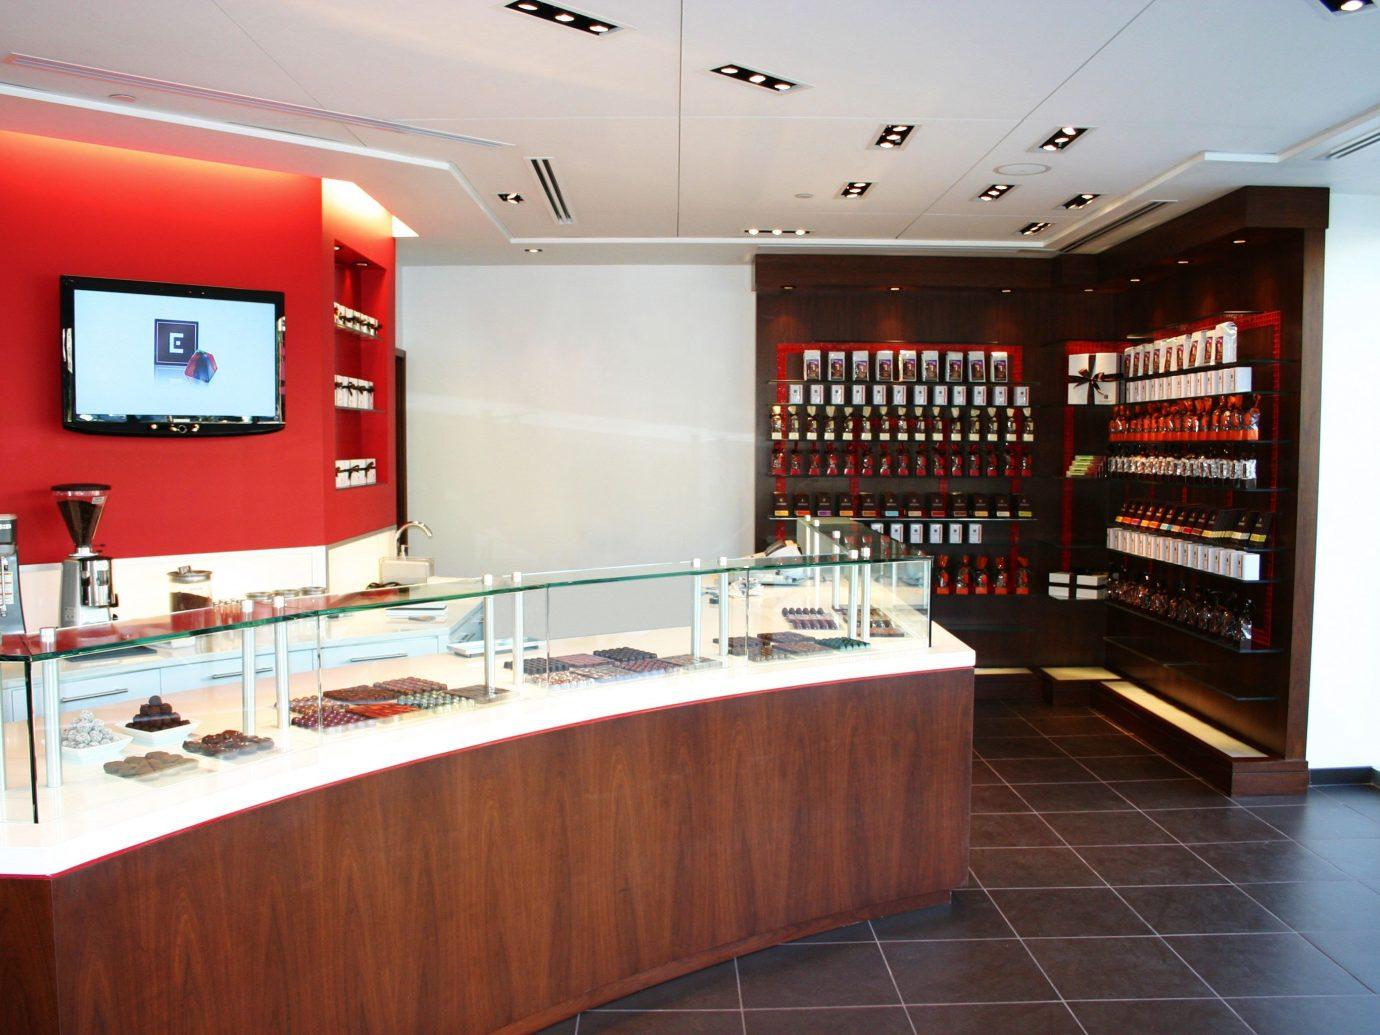 Food + Drink floor indoor interior design real estate receptionist restaurant